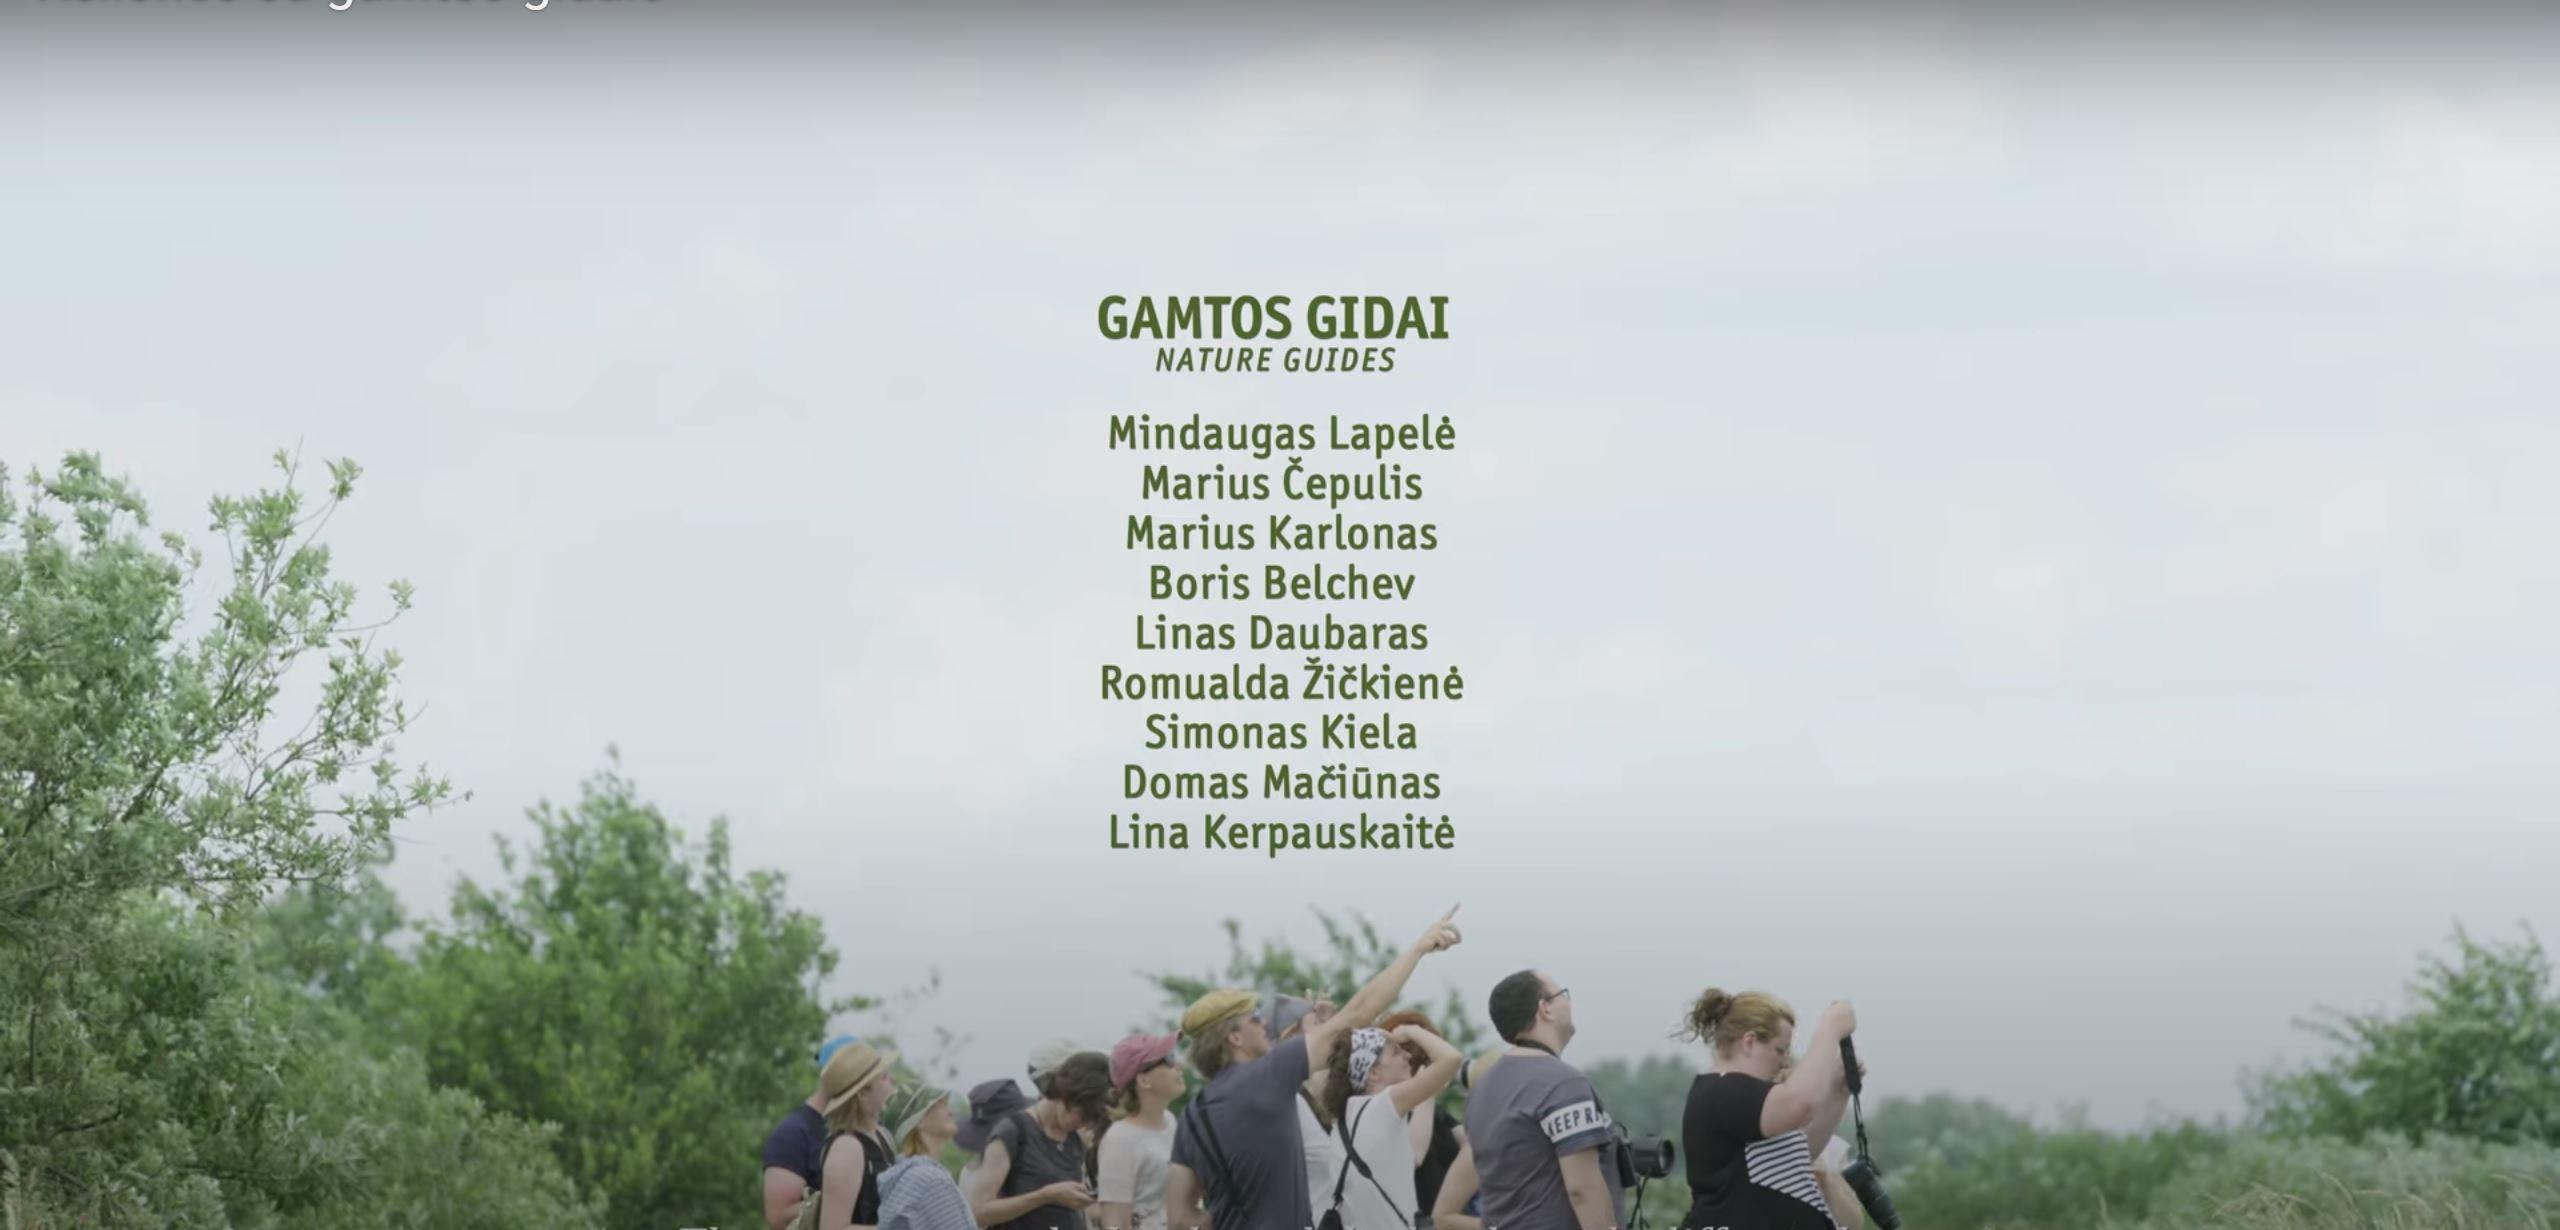 Video: šviežutėlis filmas apie gamtos gidus